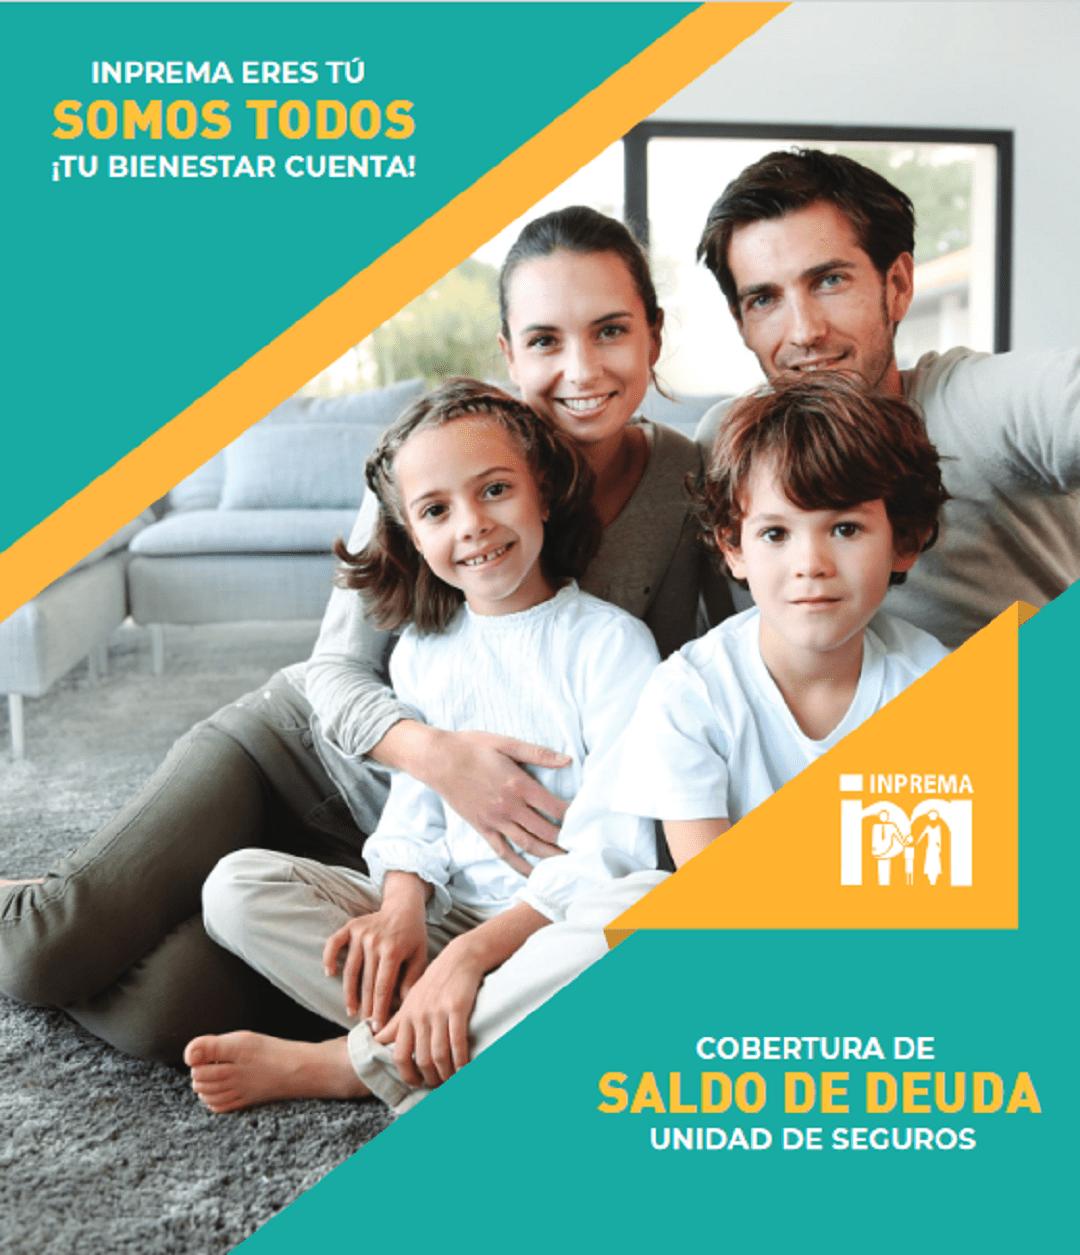 Saldo_de_Deuda_imagen_informativa